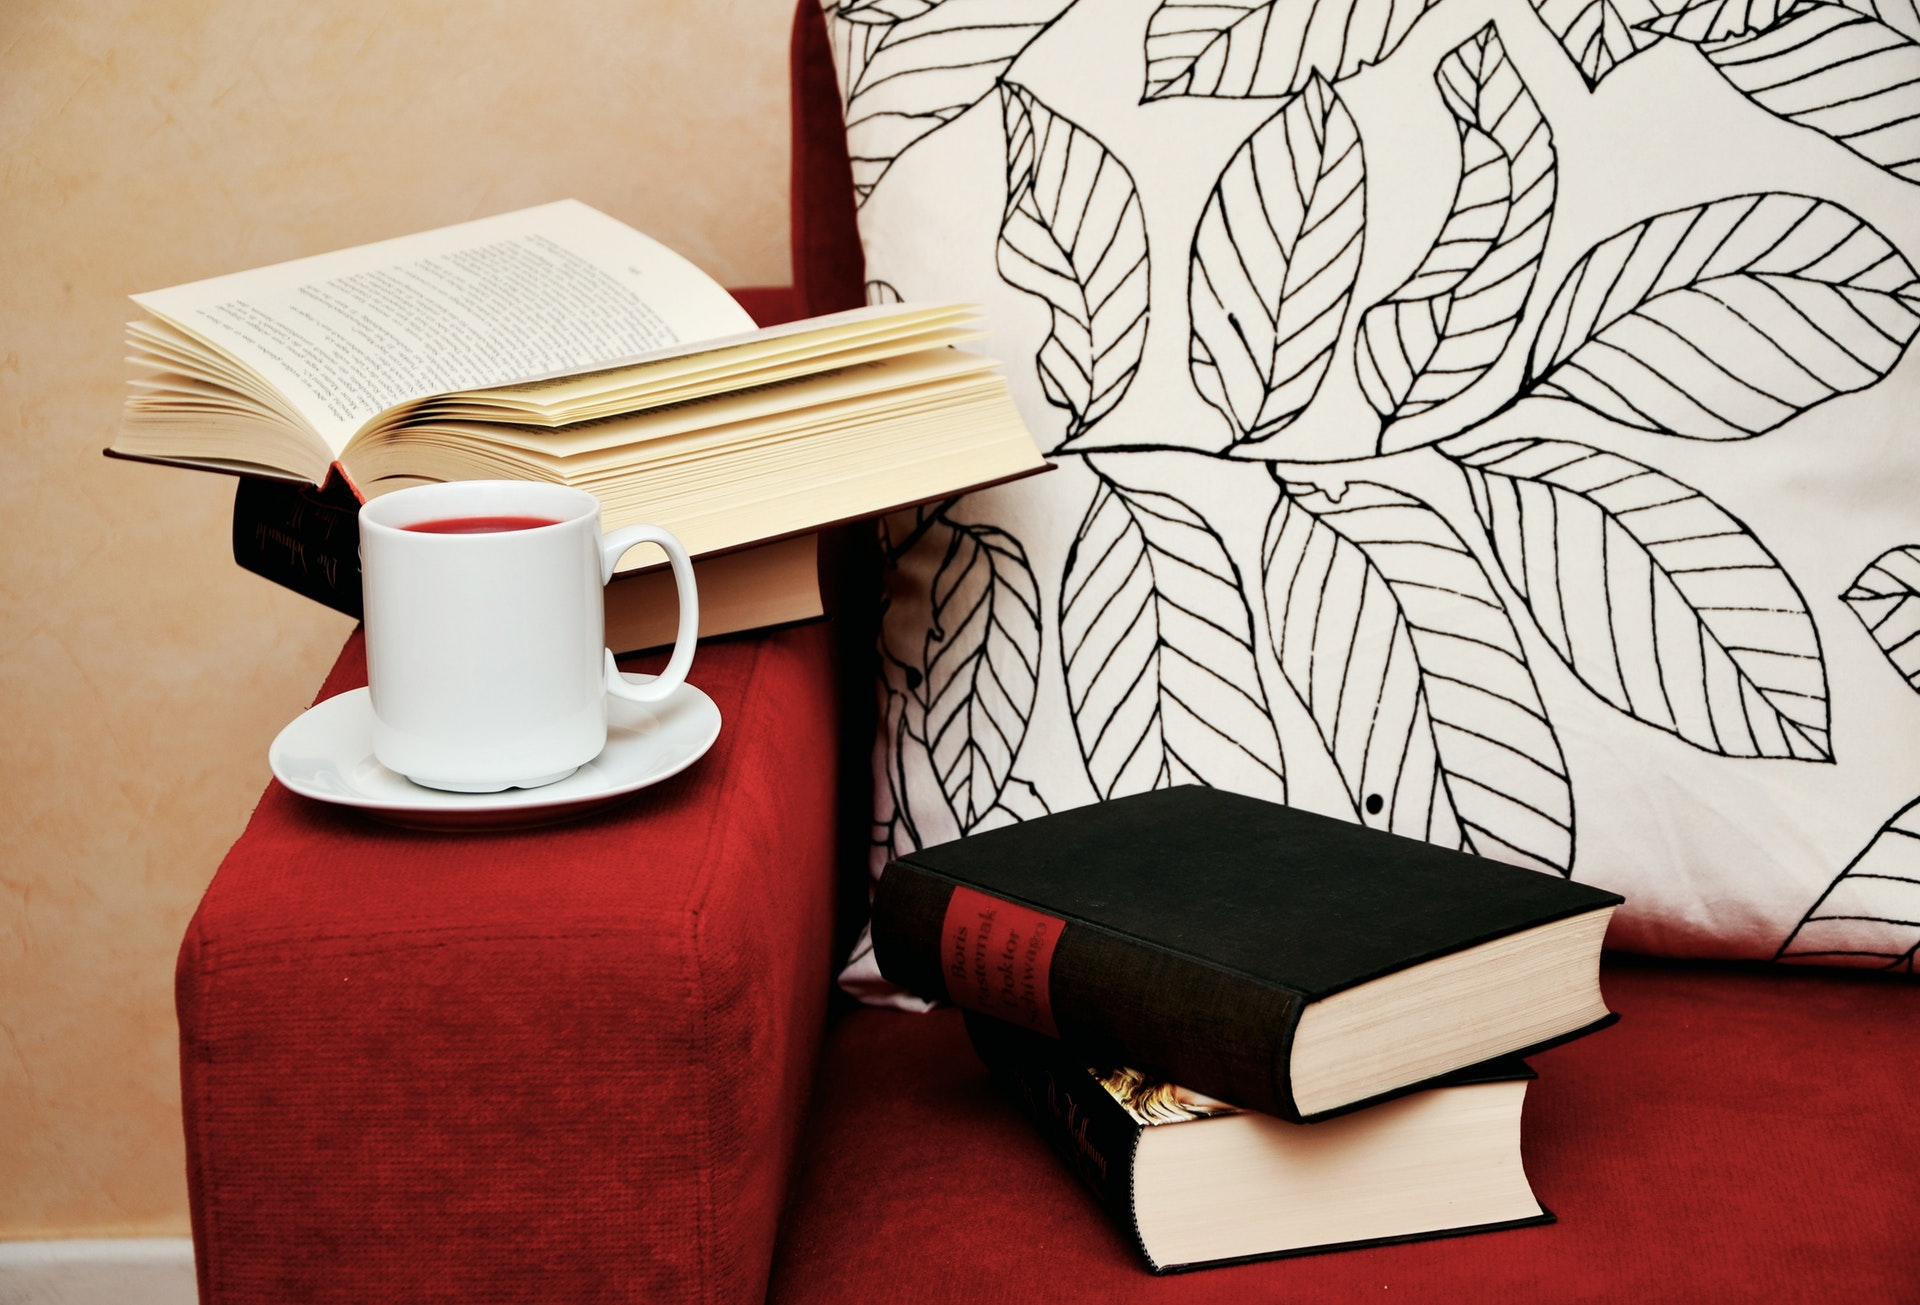 books and comfortable sofa